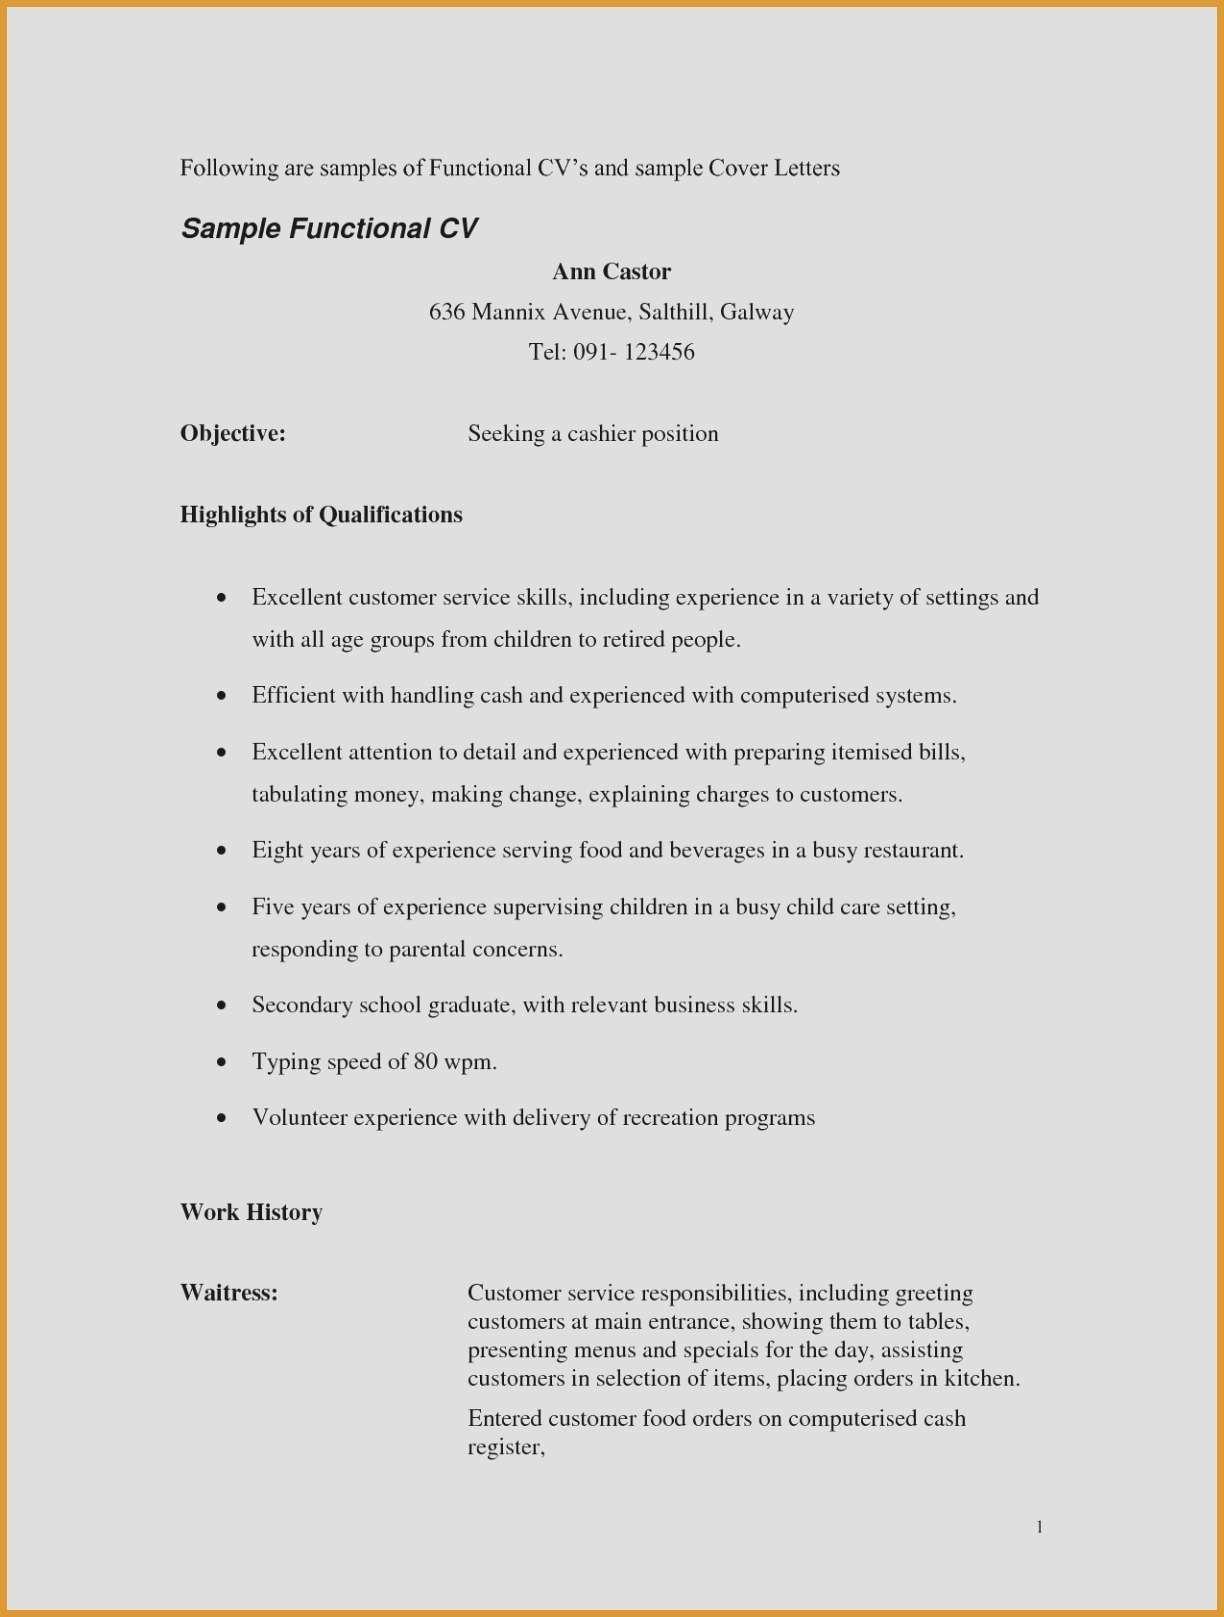 E Teach Cv Template Teaching resume, Resume tips, Resume